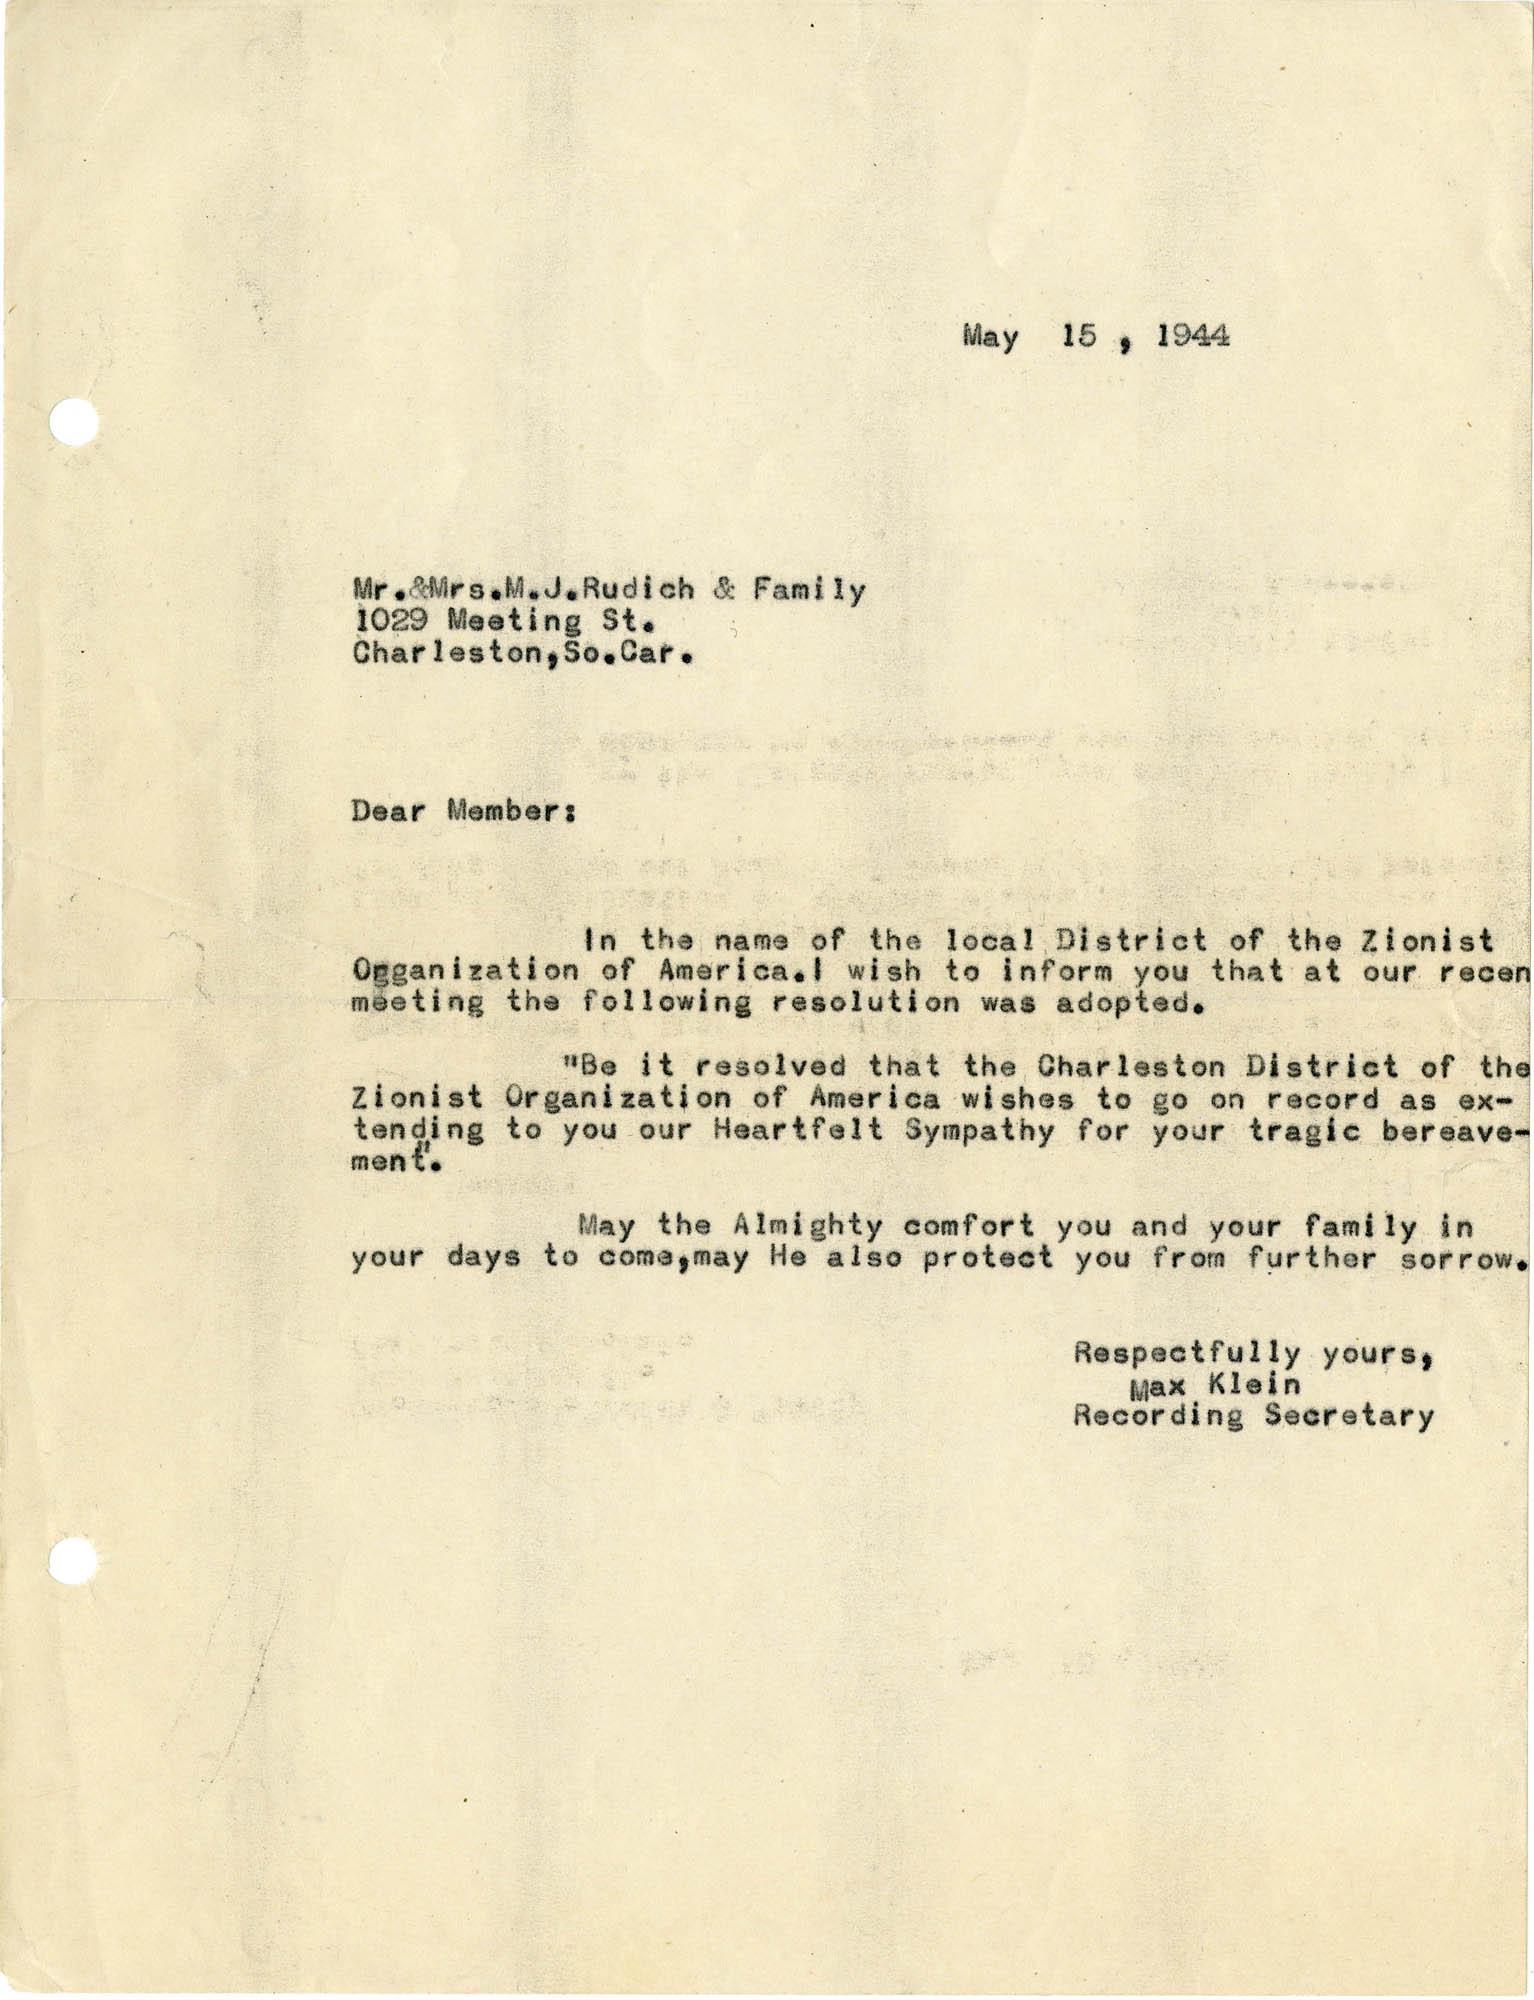 23. Klein letter